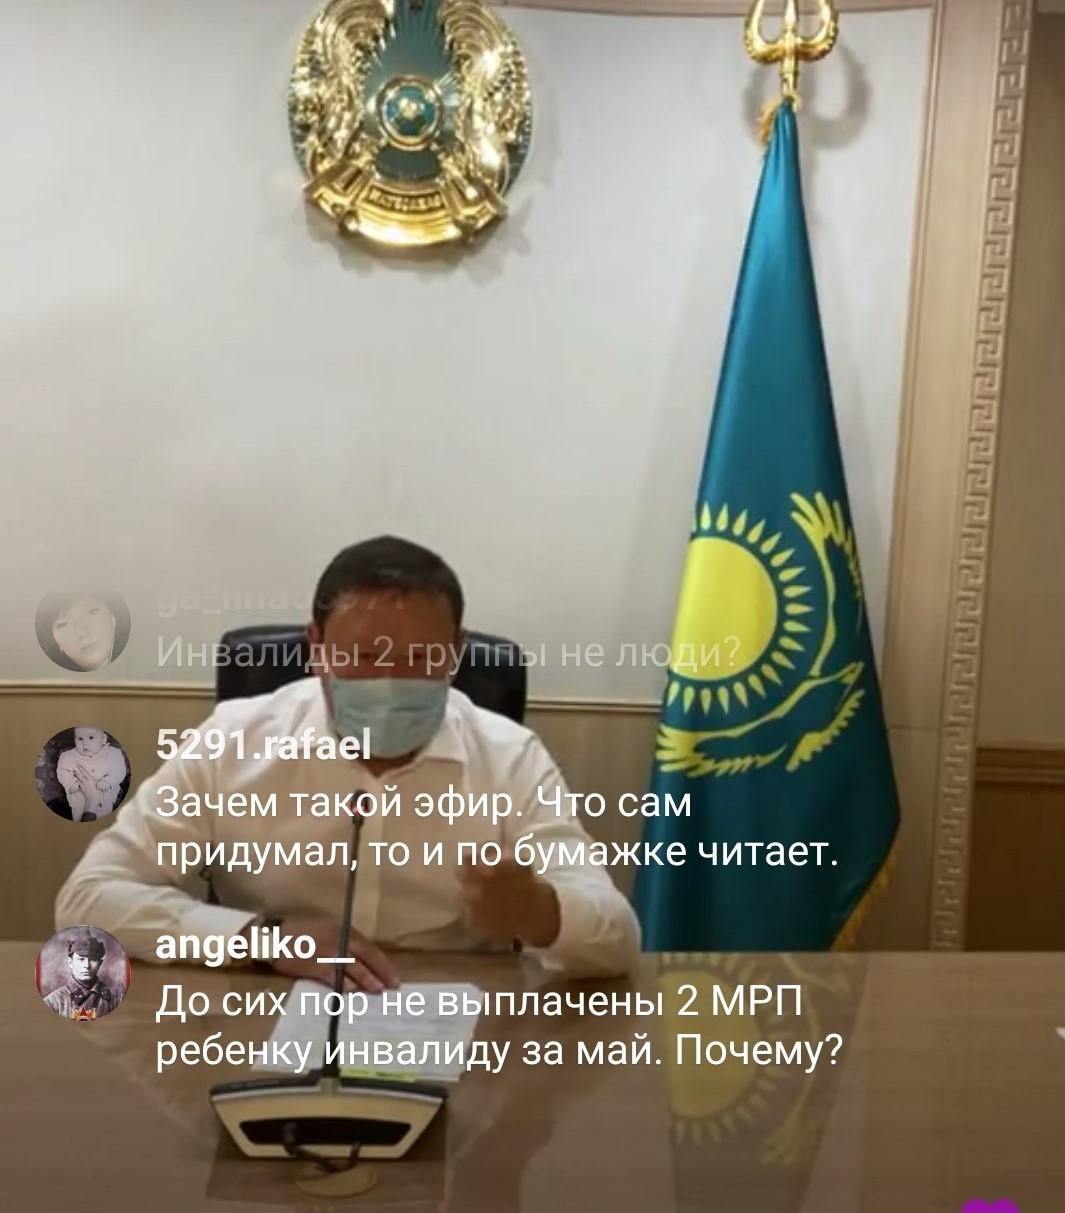 Как североказахстанцы могут получить отсрочку по кредиту из-за карантина по коронавирусу